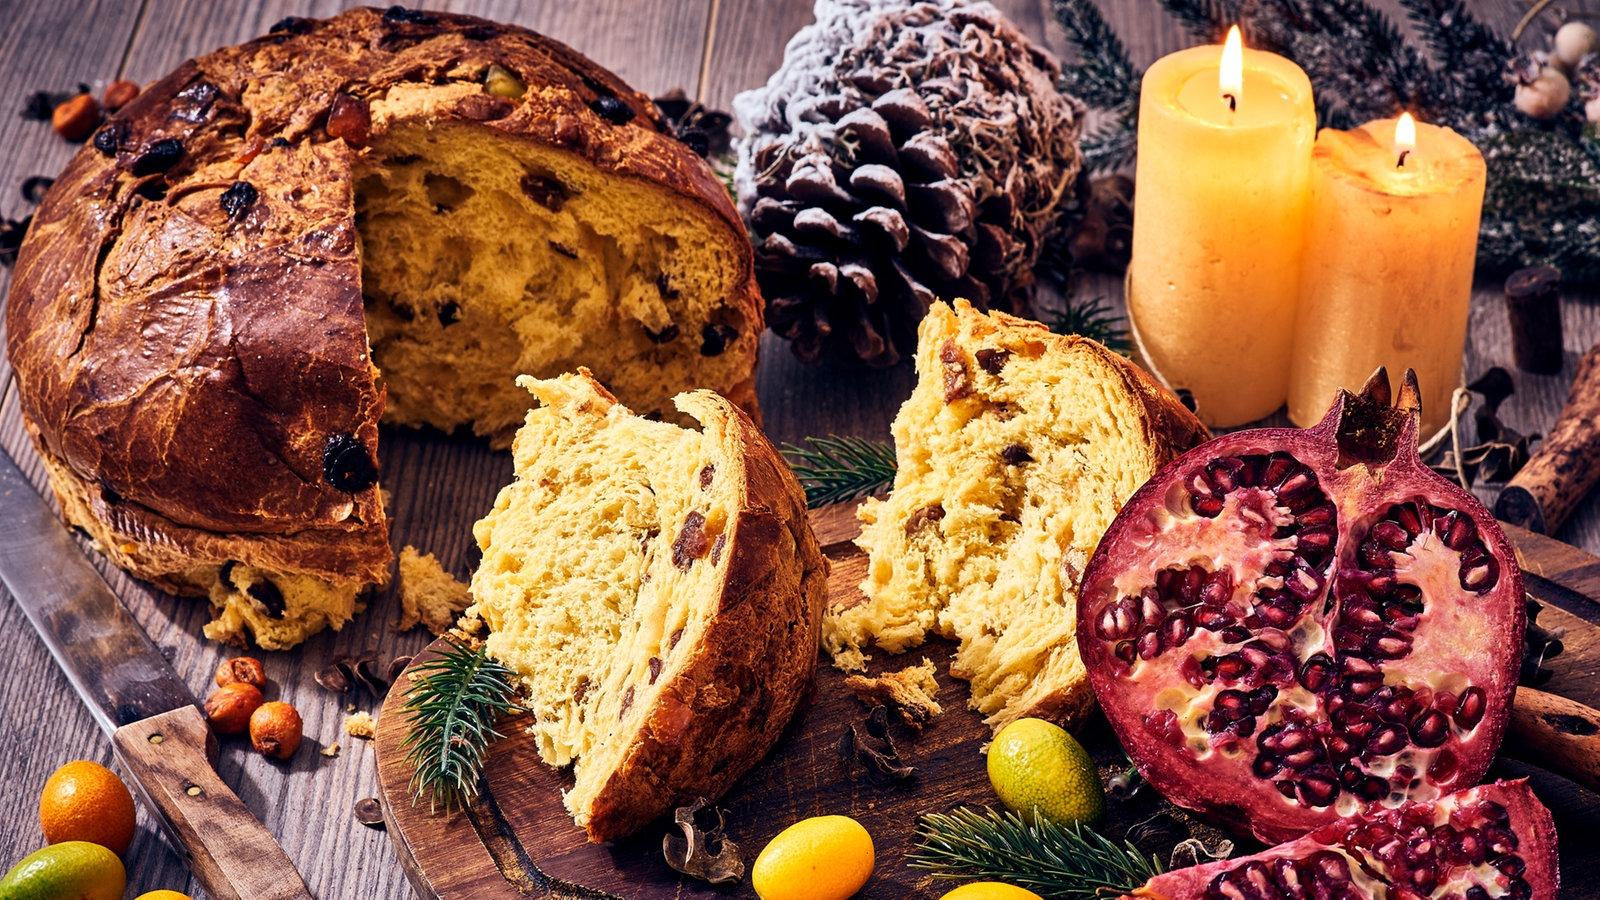 Weihnachten in Europa - Was unsere Nachbarn zum Fest essen - Kochen ...